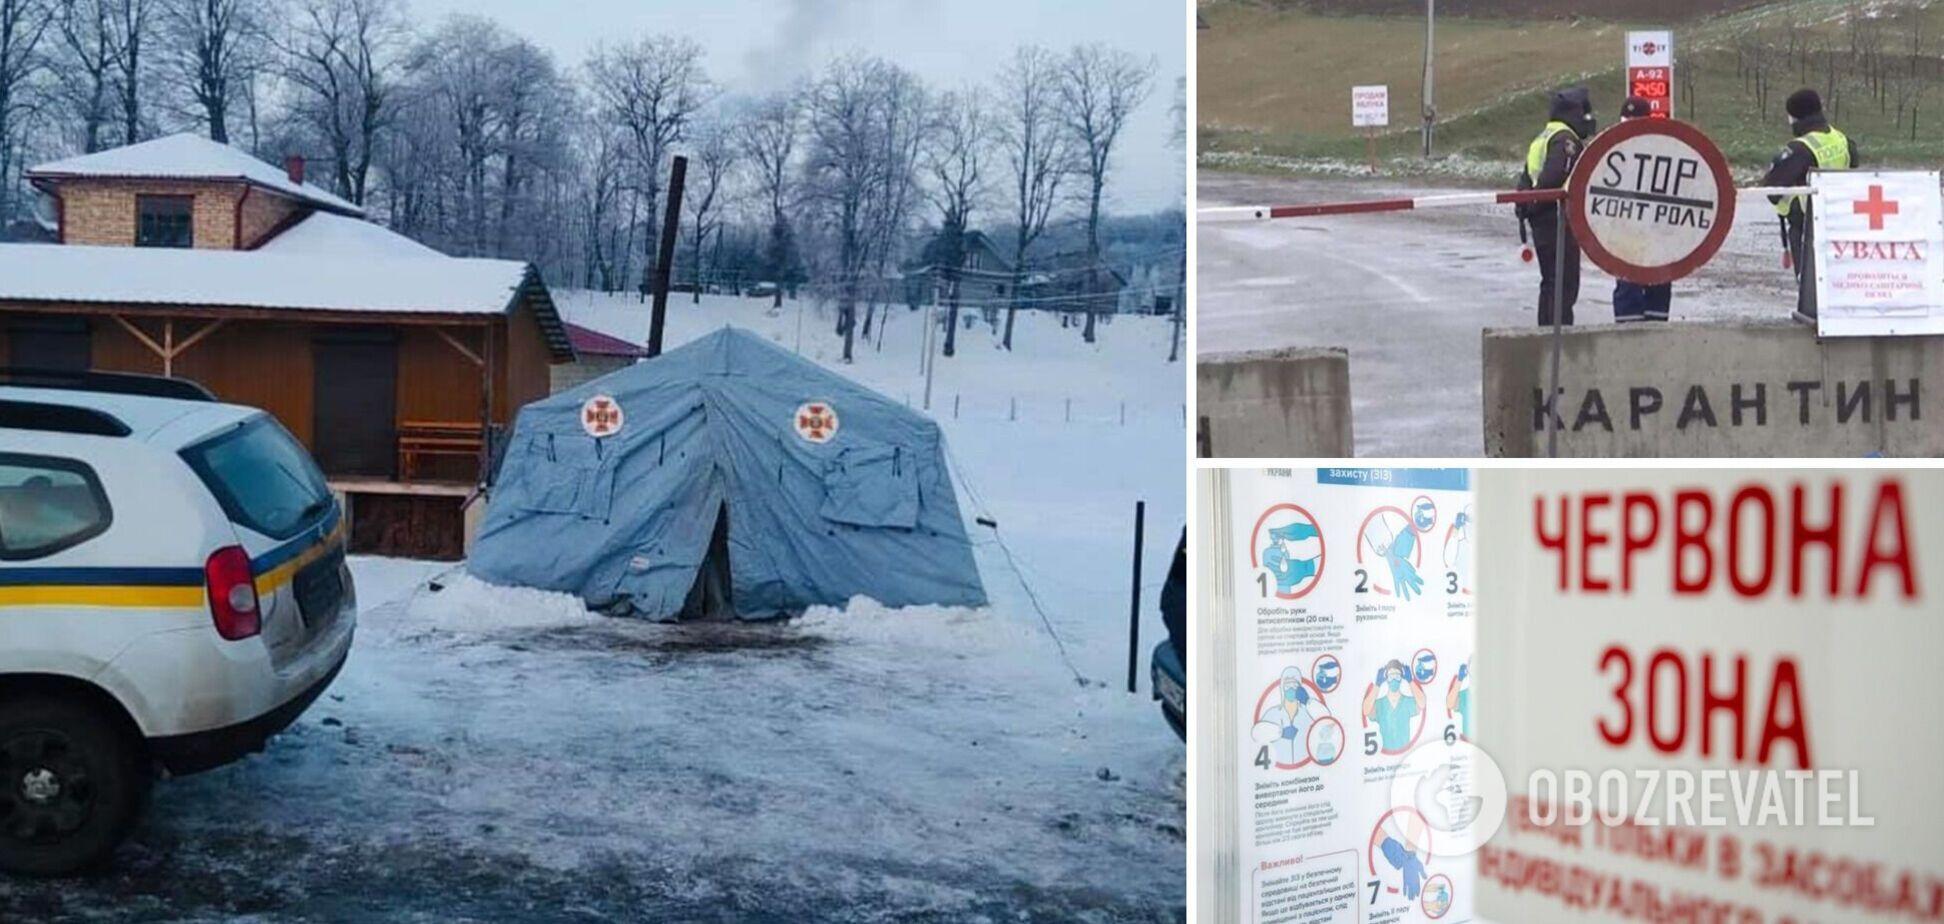 Карантин посилять у двох областях України: які обмеження вводять